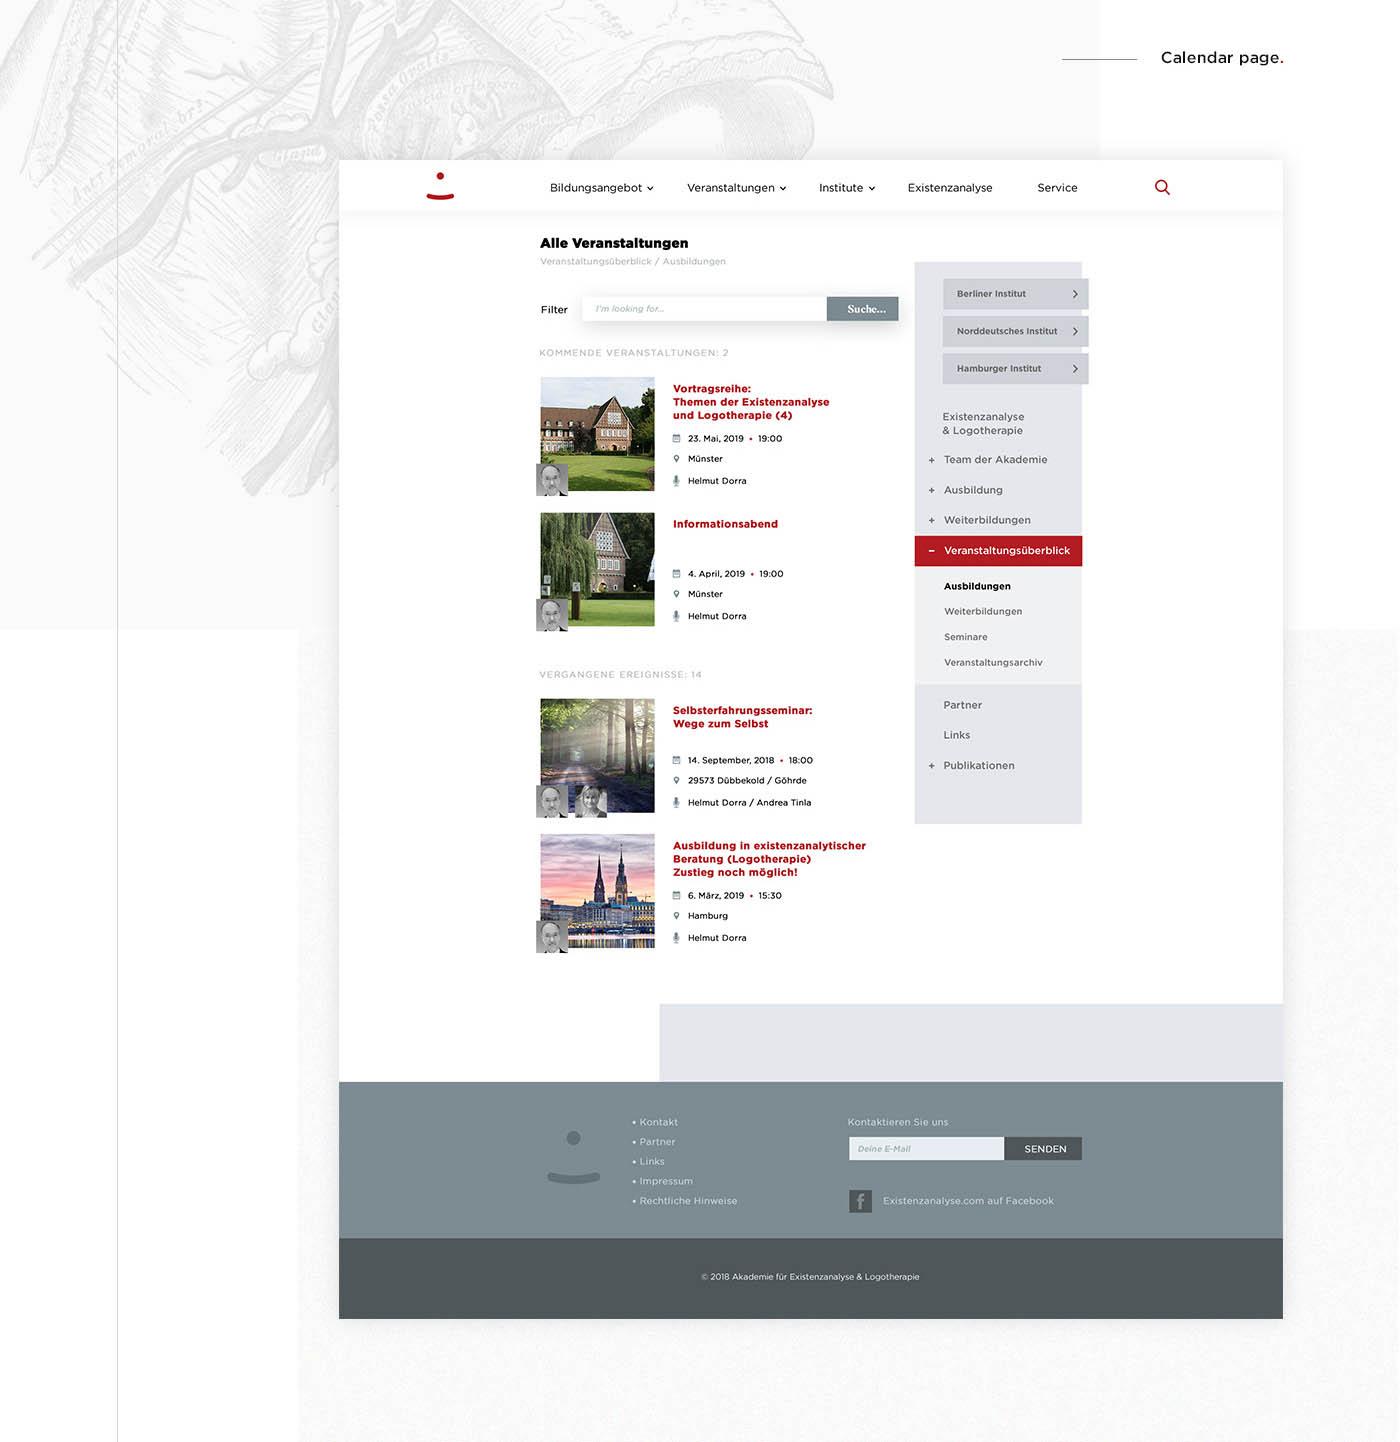 ui viking, alex borisson, designer, portfolio, ui designer, designer portfolio, creative, product designer, graphic designer, inspiration, psychology, website design